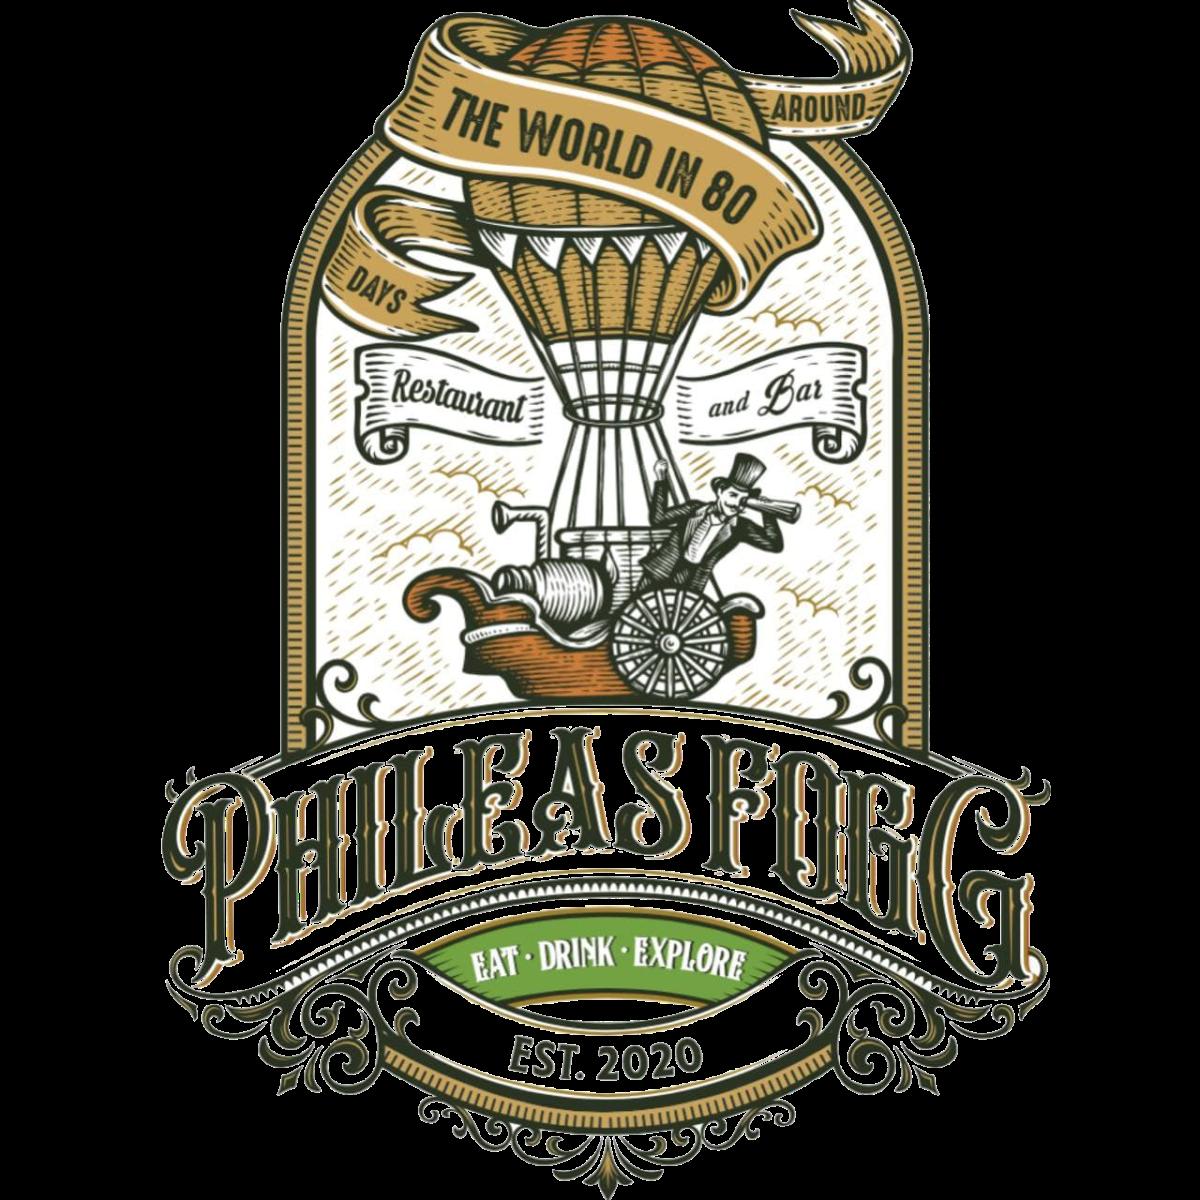 Phileas Fogg Logo